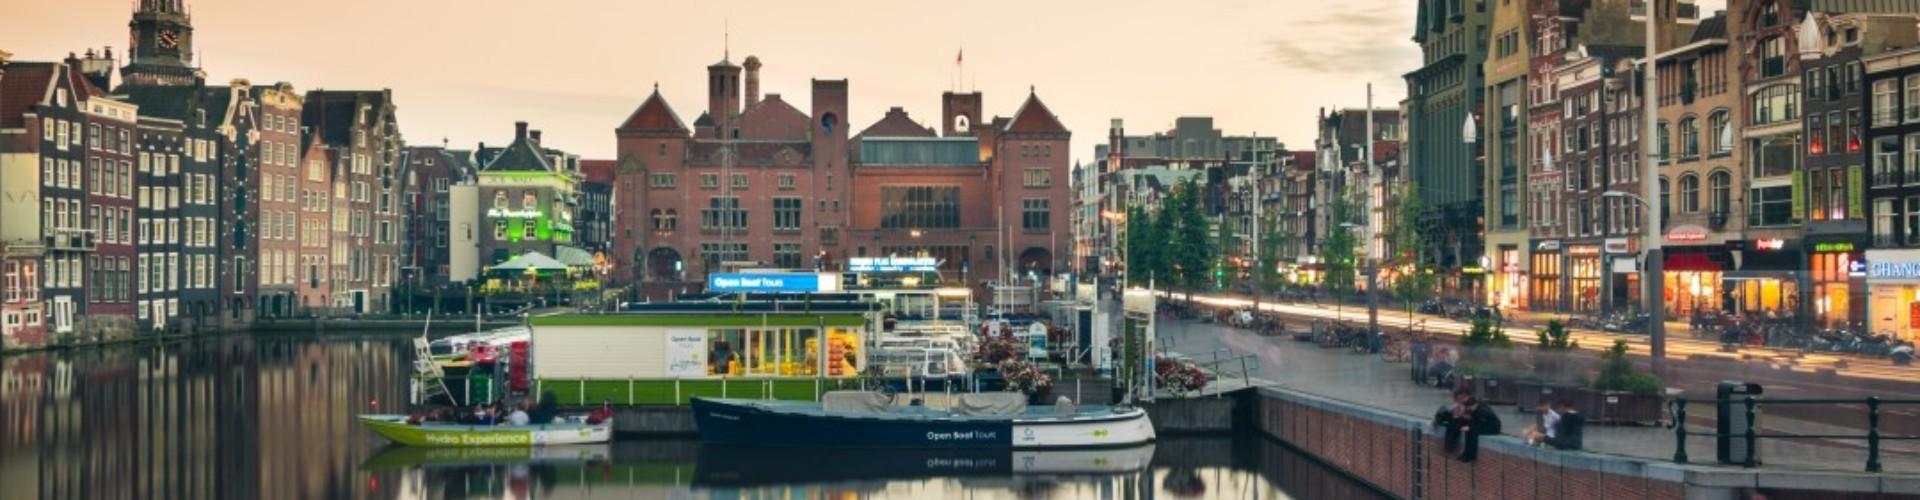 Praca w Holandii 2020: dla par, bez języka + Zarobki w Holandii